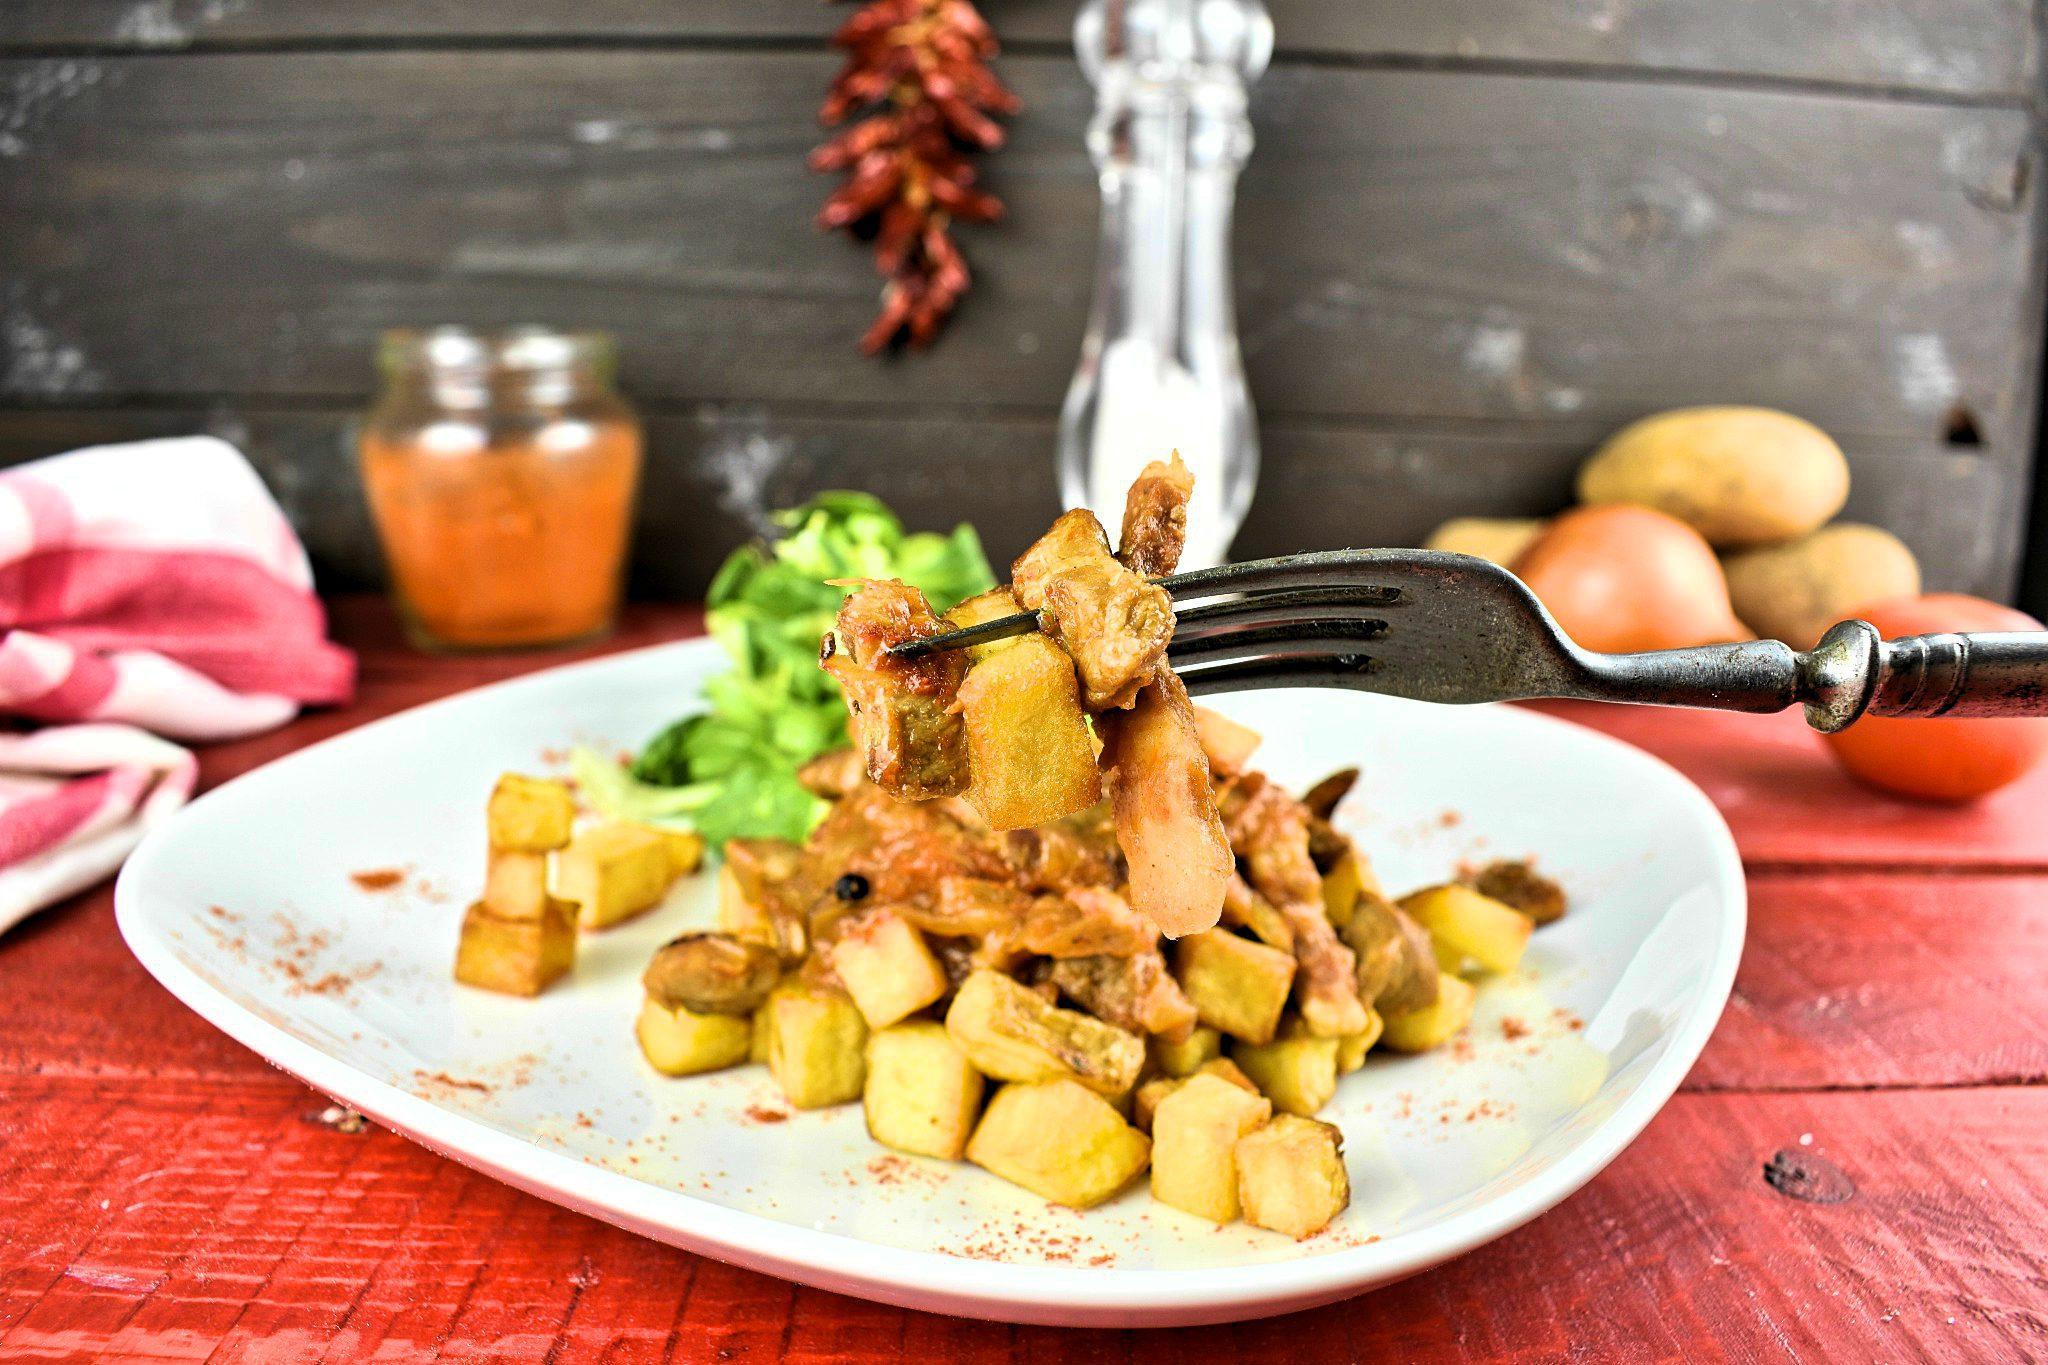 Braised-Pork-Ragu-Recipe-4-SunCakeMom